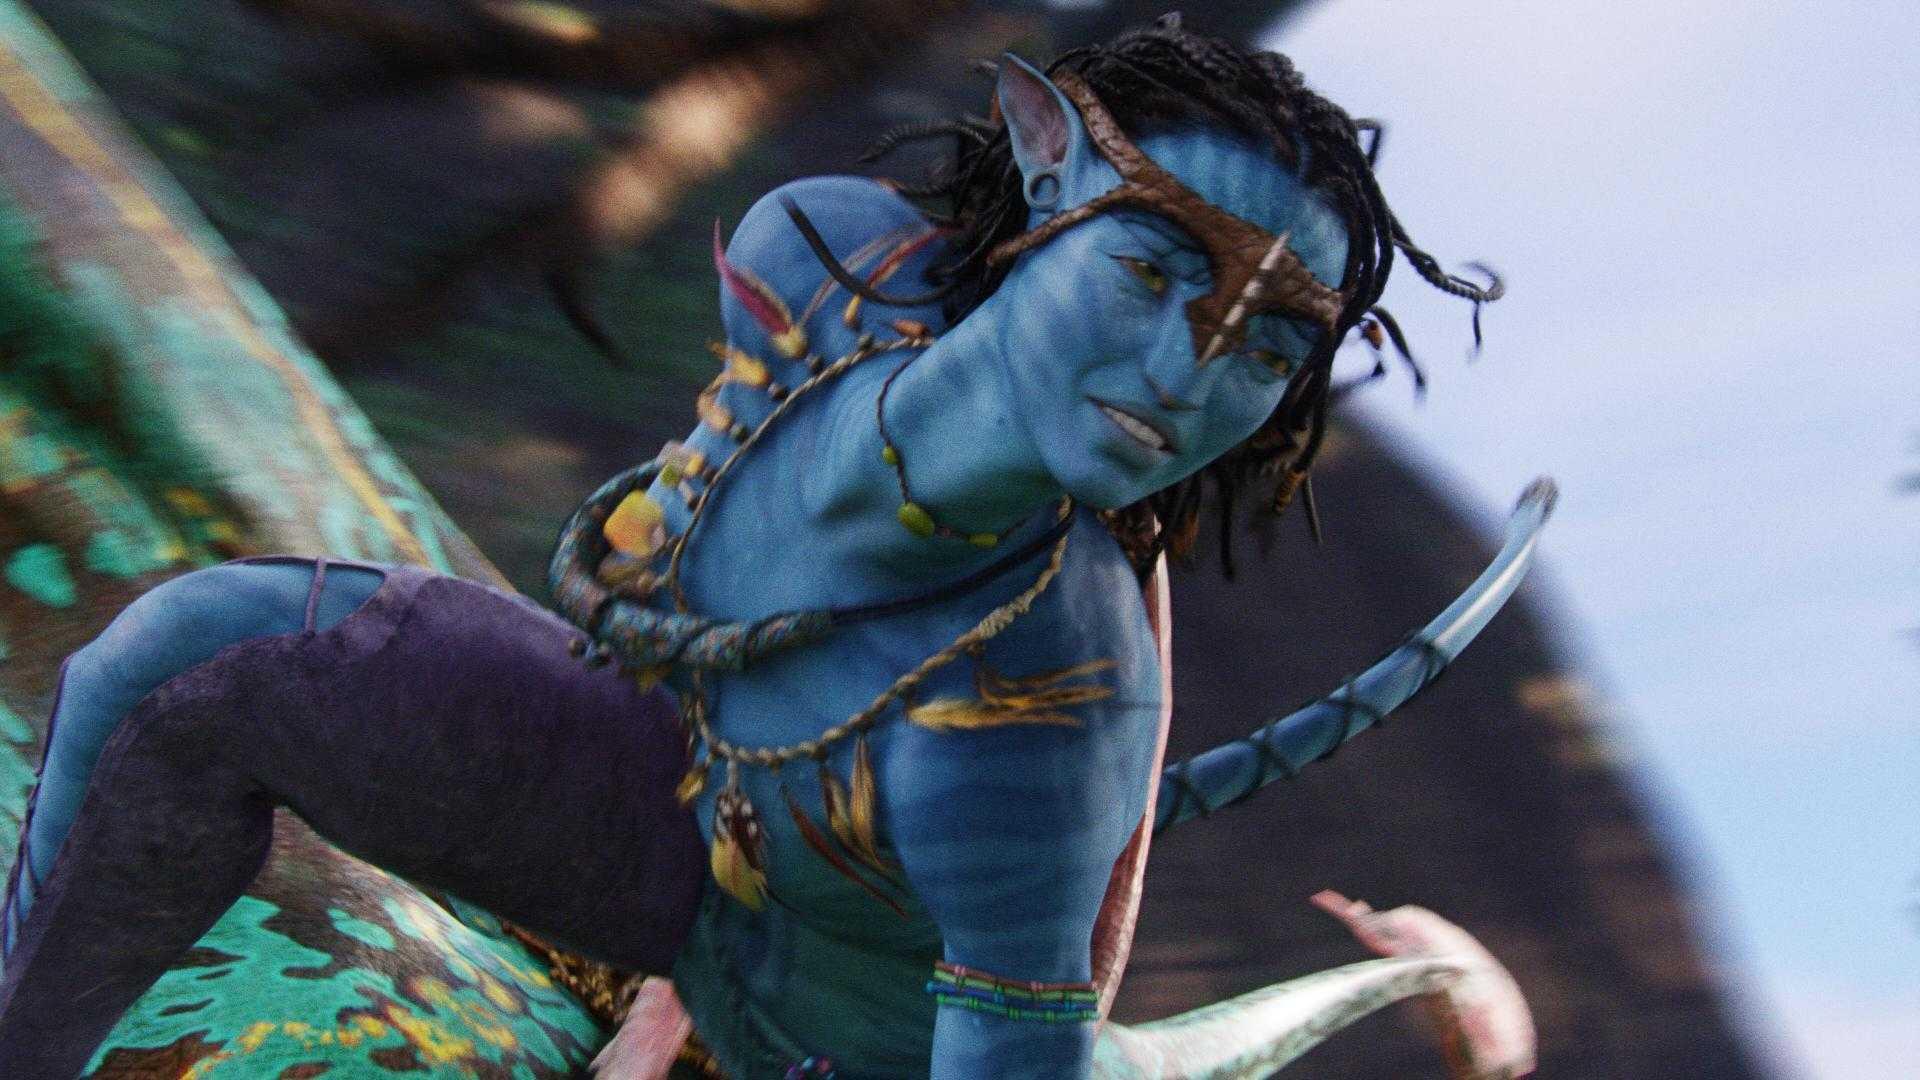 Zoe saldana zoe saldana as neytiri in avatar